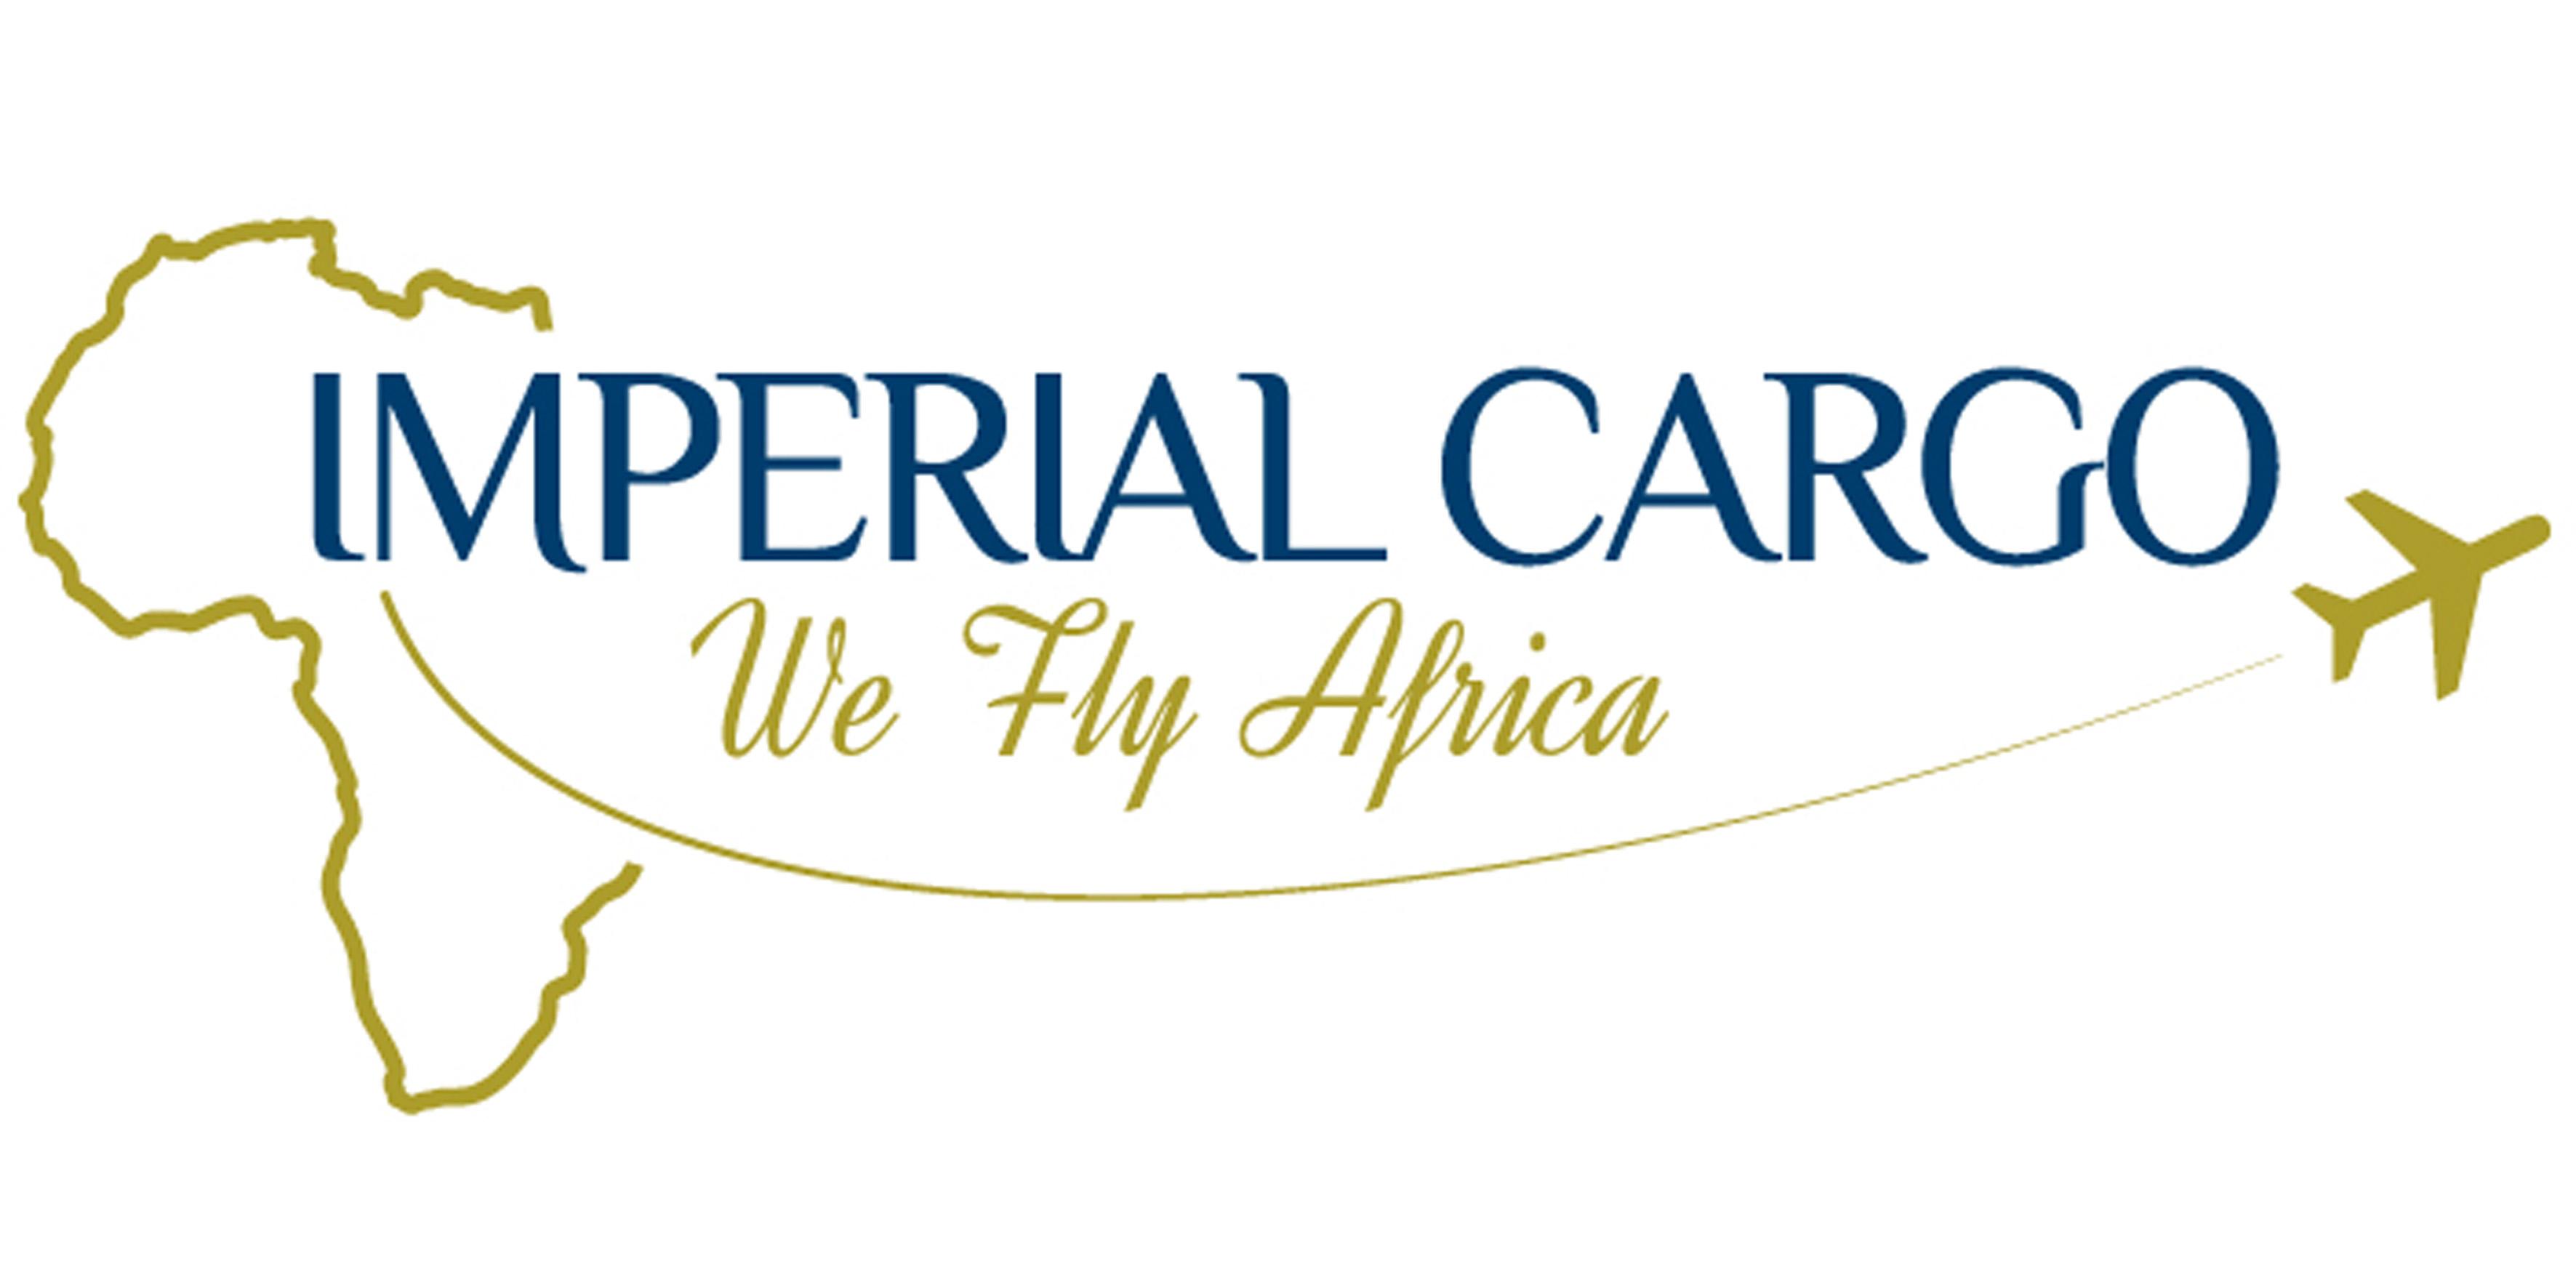 Imperial Cargo